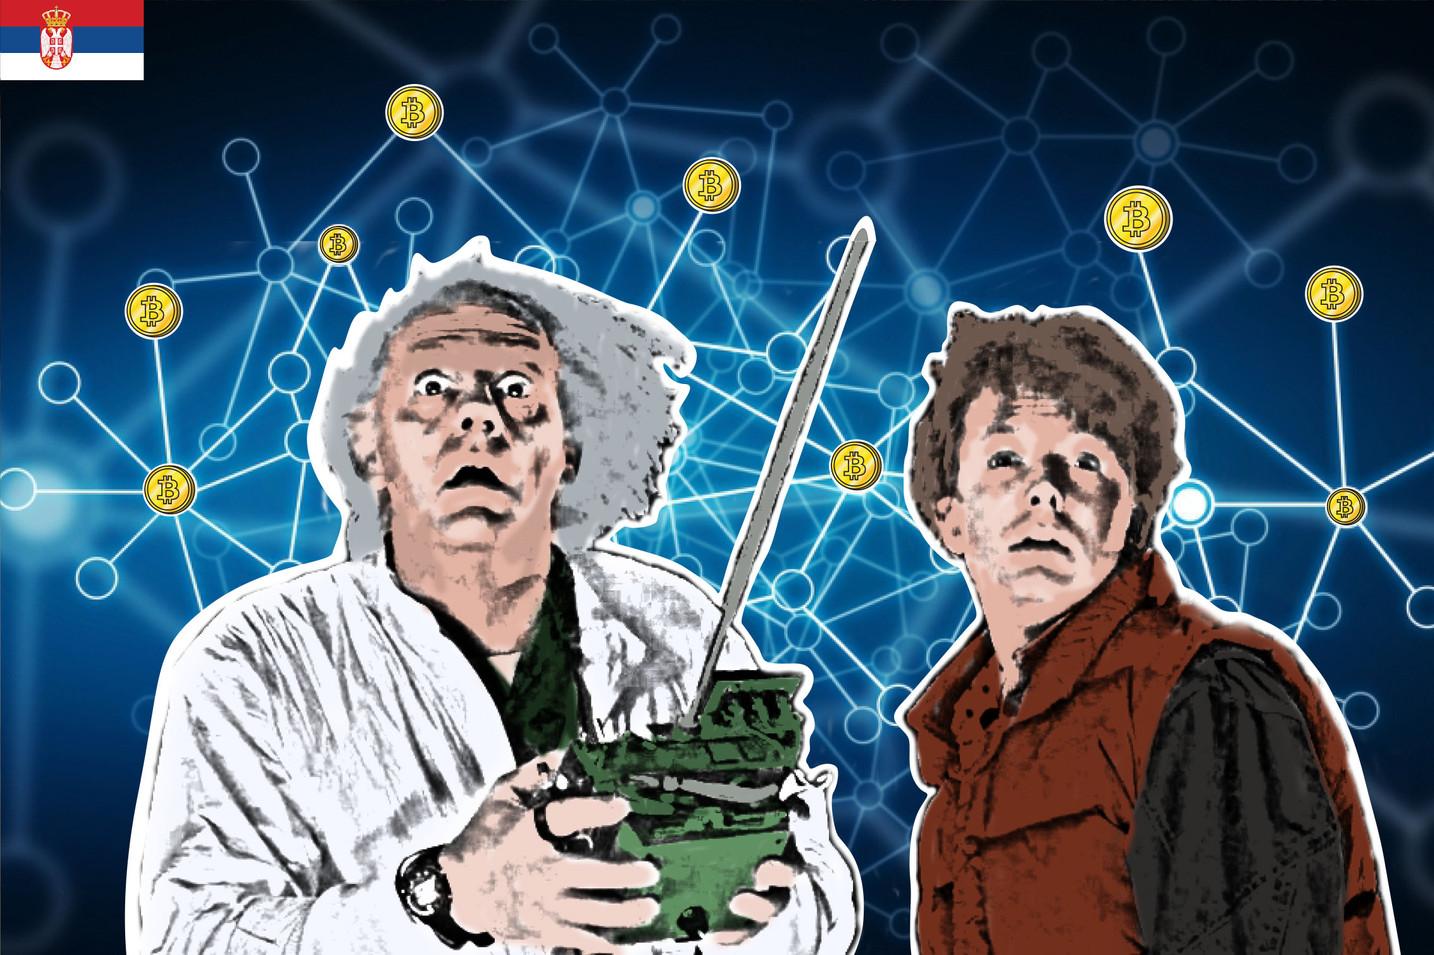 Šta su bitkoin fjučers ugovori?